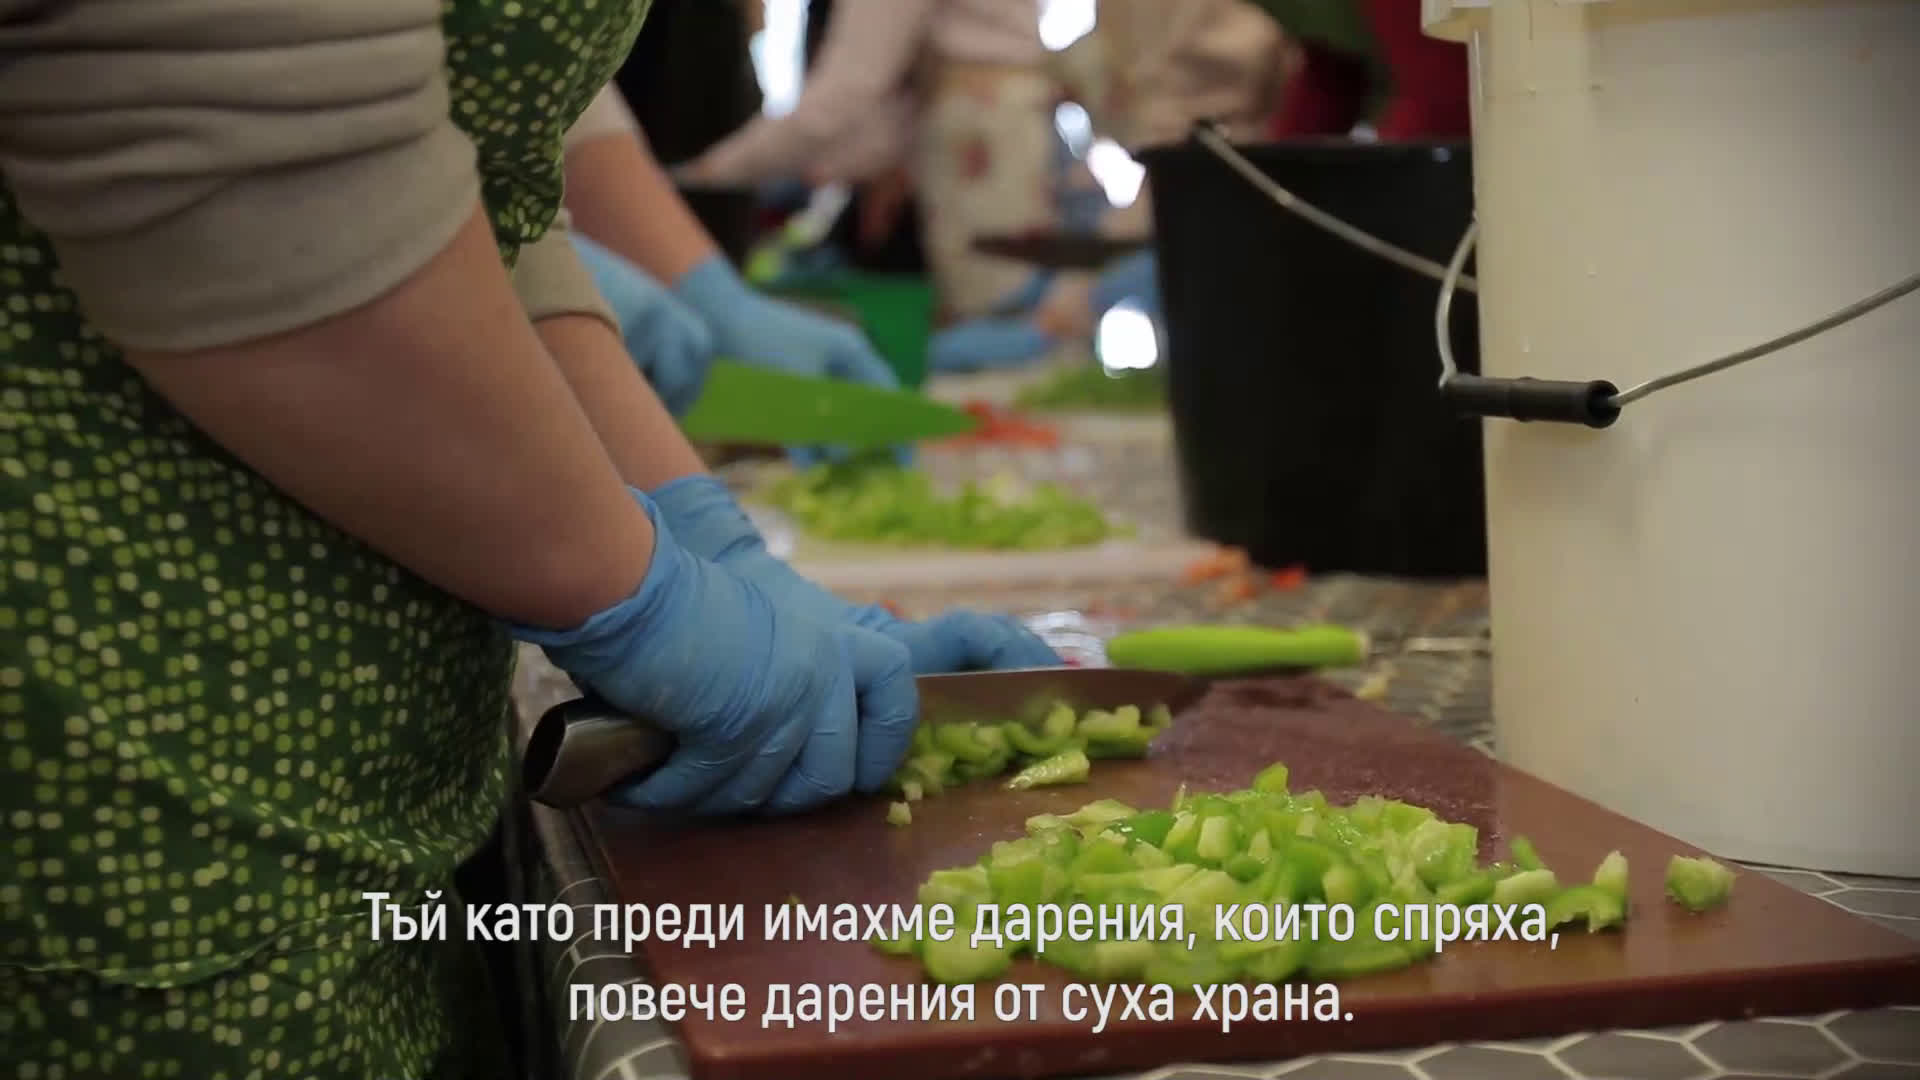 Да сготвиш чудо: кухня за социално слаби в София